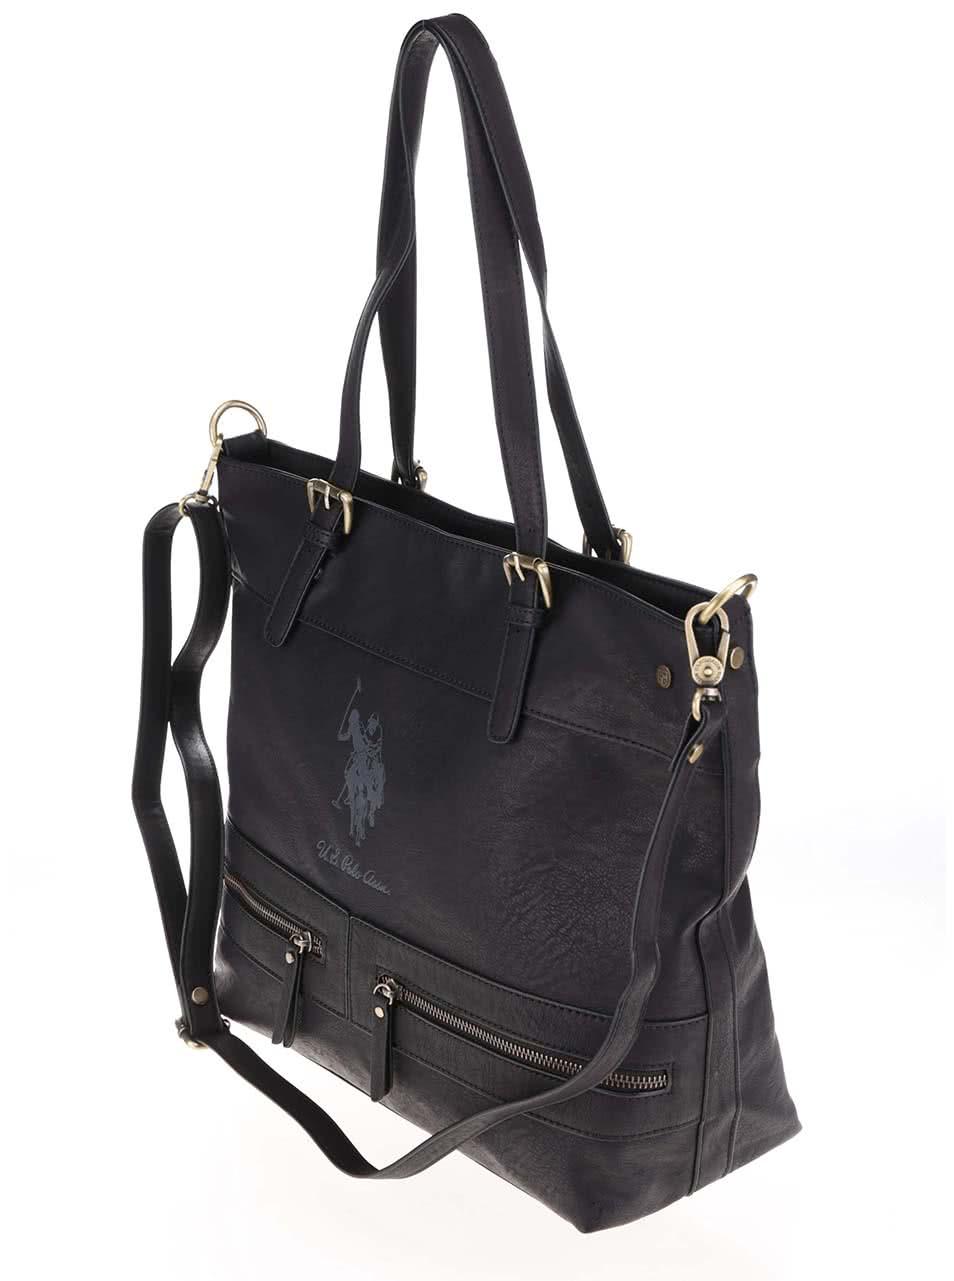 Geantă neagră shopper  U.S. Polo Assn cu baretă detașabilă